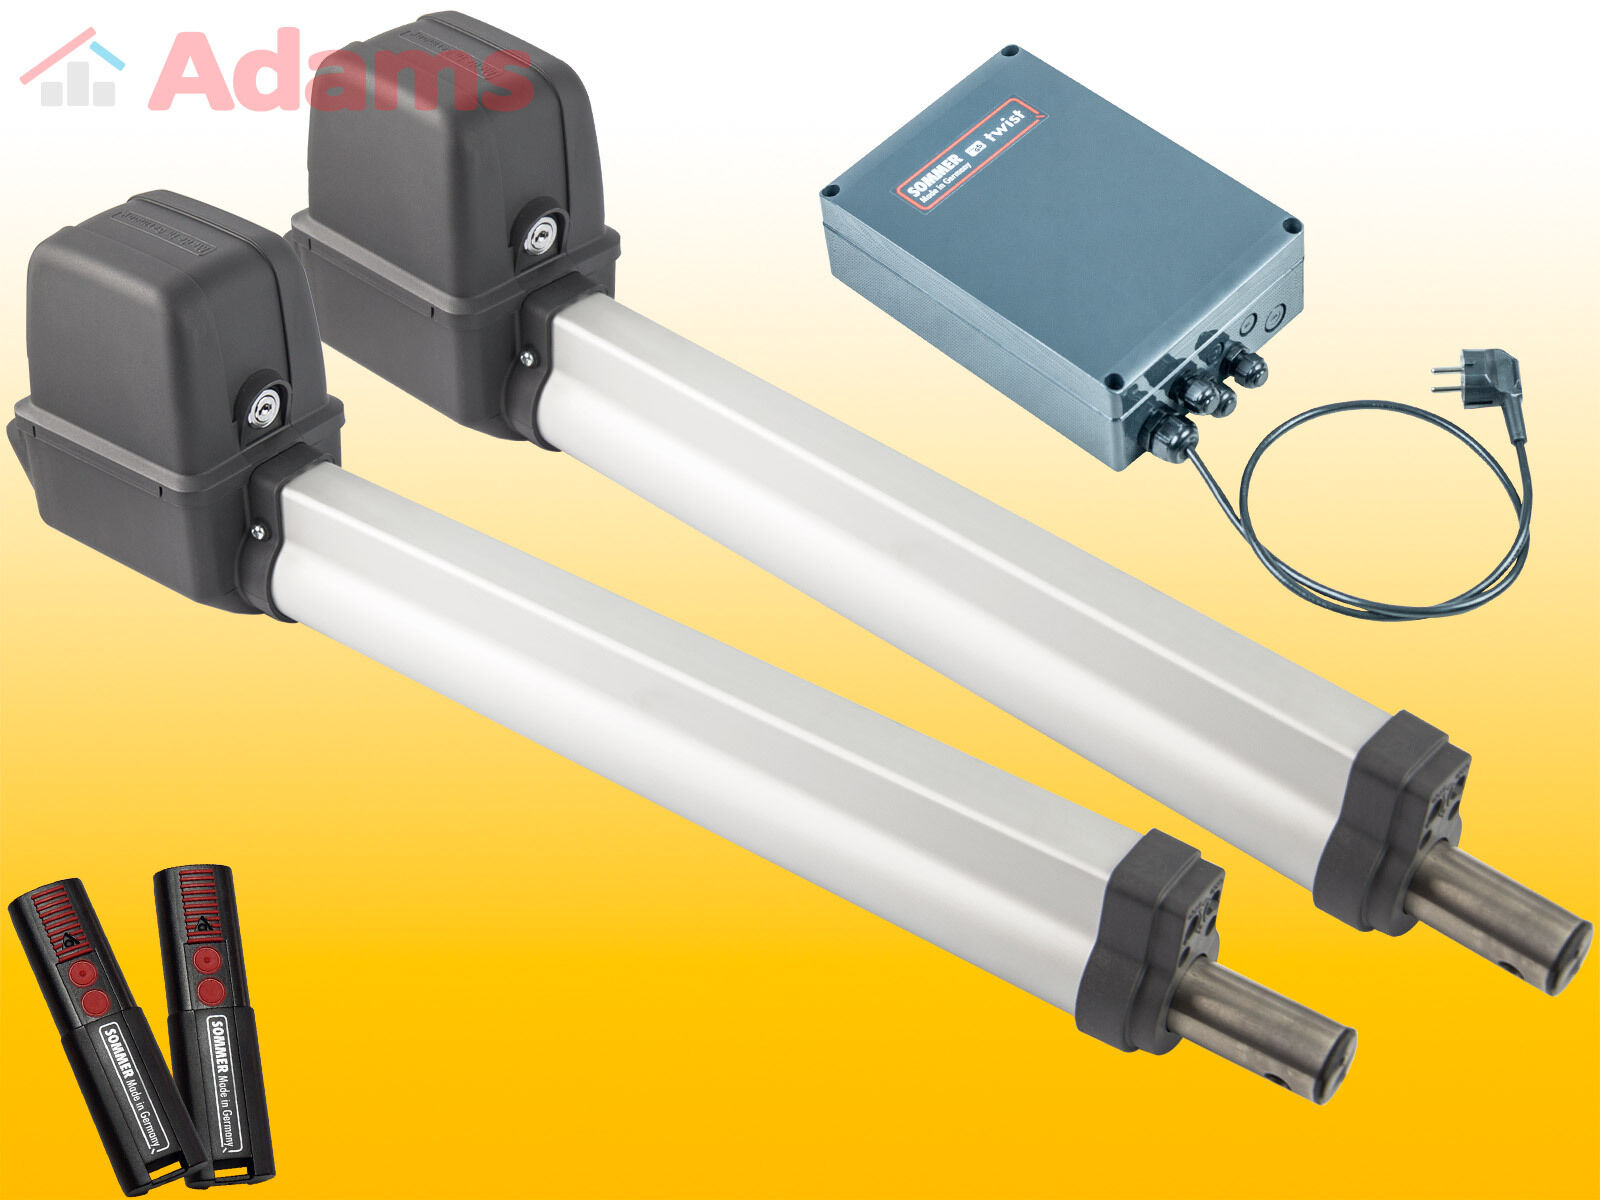 Sommer Twist 200E - Drehtorantrieb (2-flüglig) mit 2 Handsender 4026 - Set 3in1B